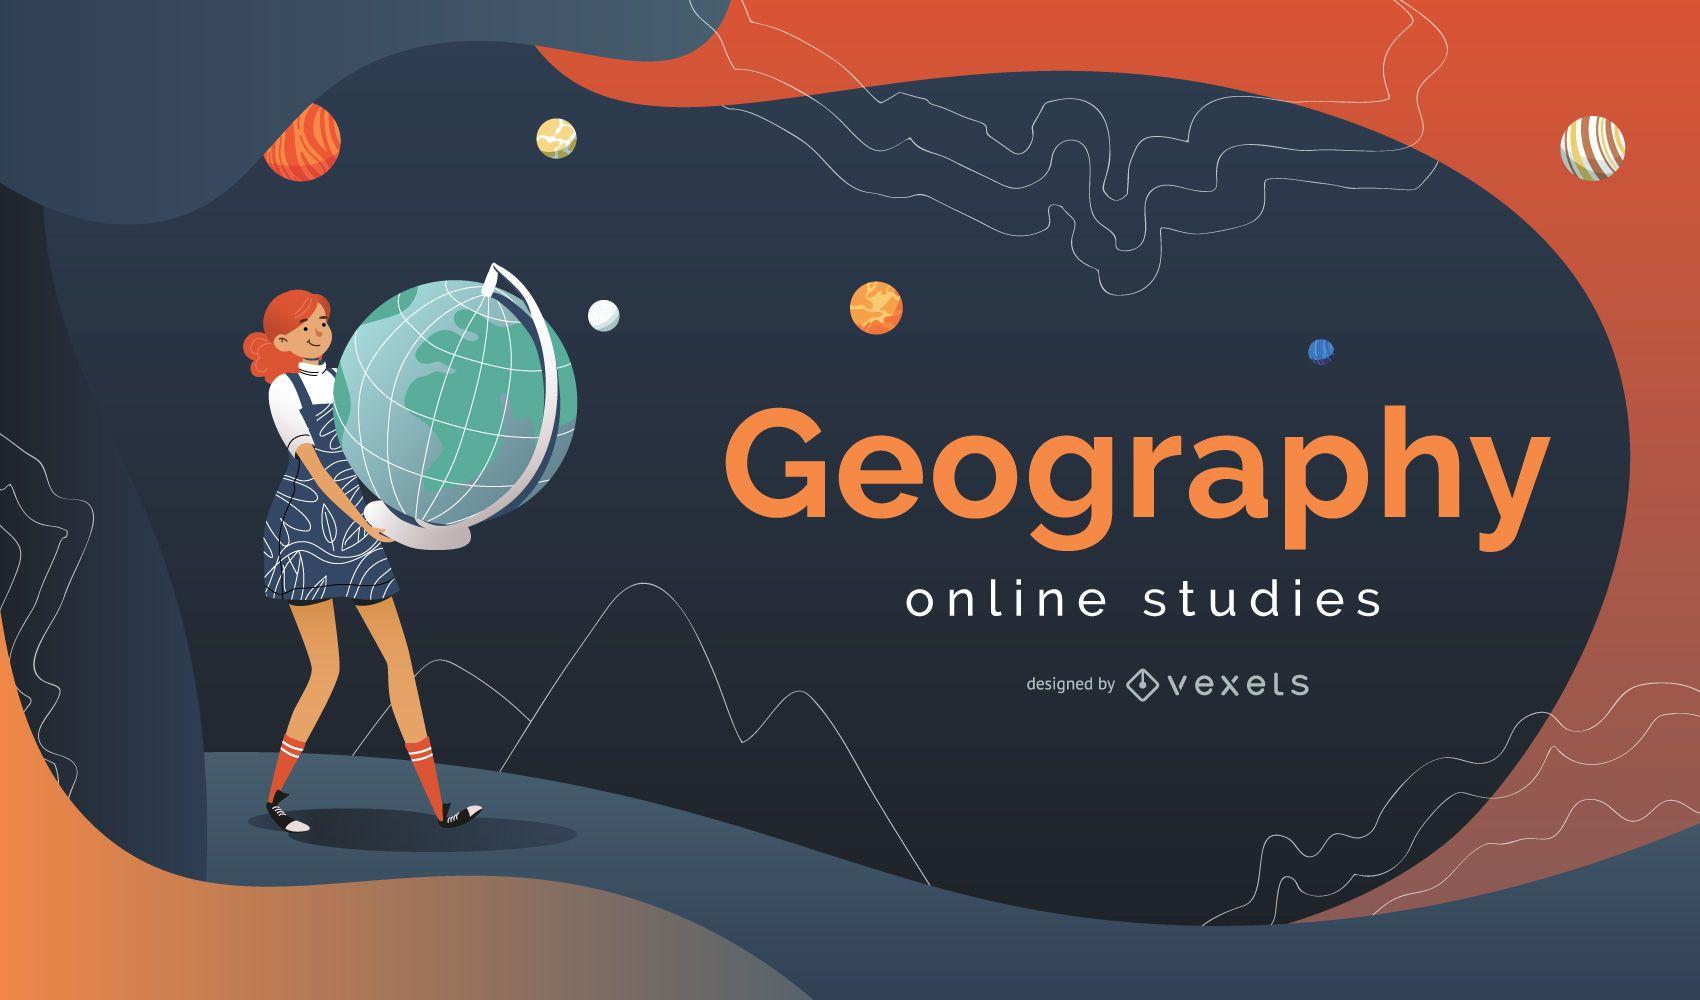 Diseño de portada de estudios en línea de geografía